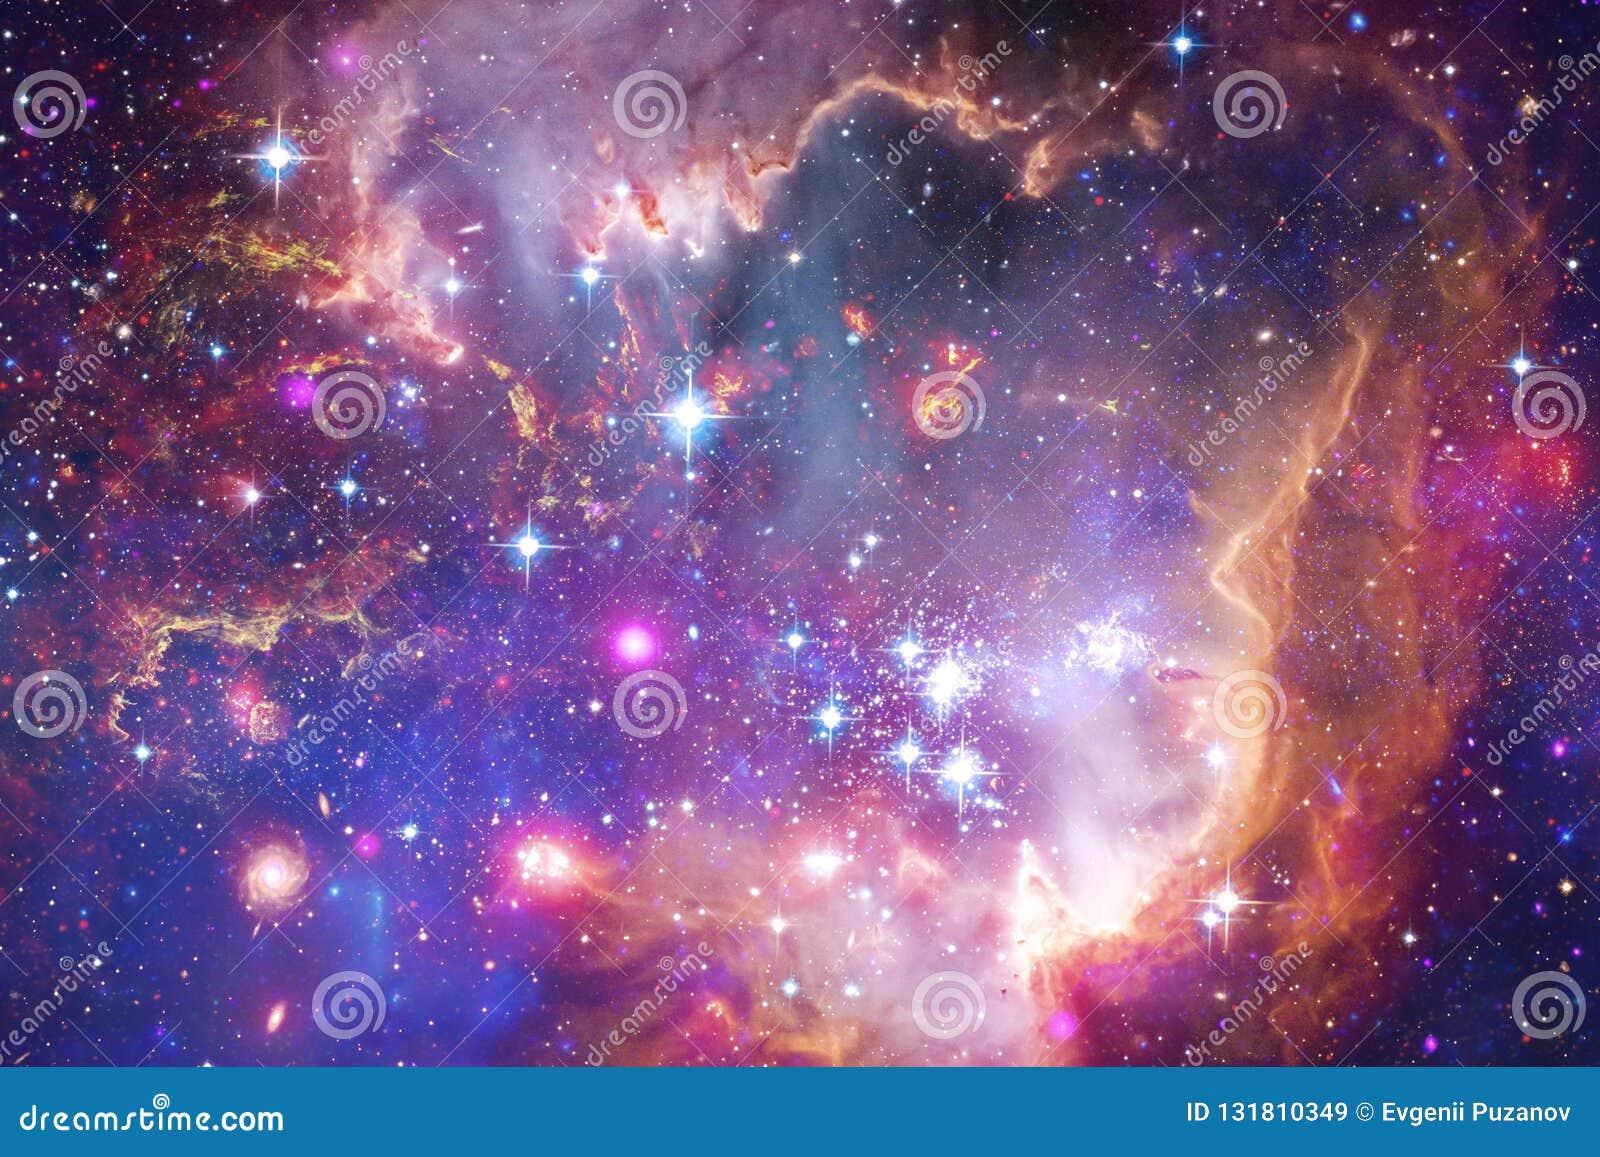 星美丽的星系和群空间夜 美国航空航天局装备的这个图象的元素